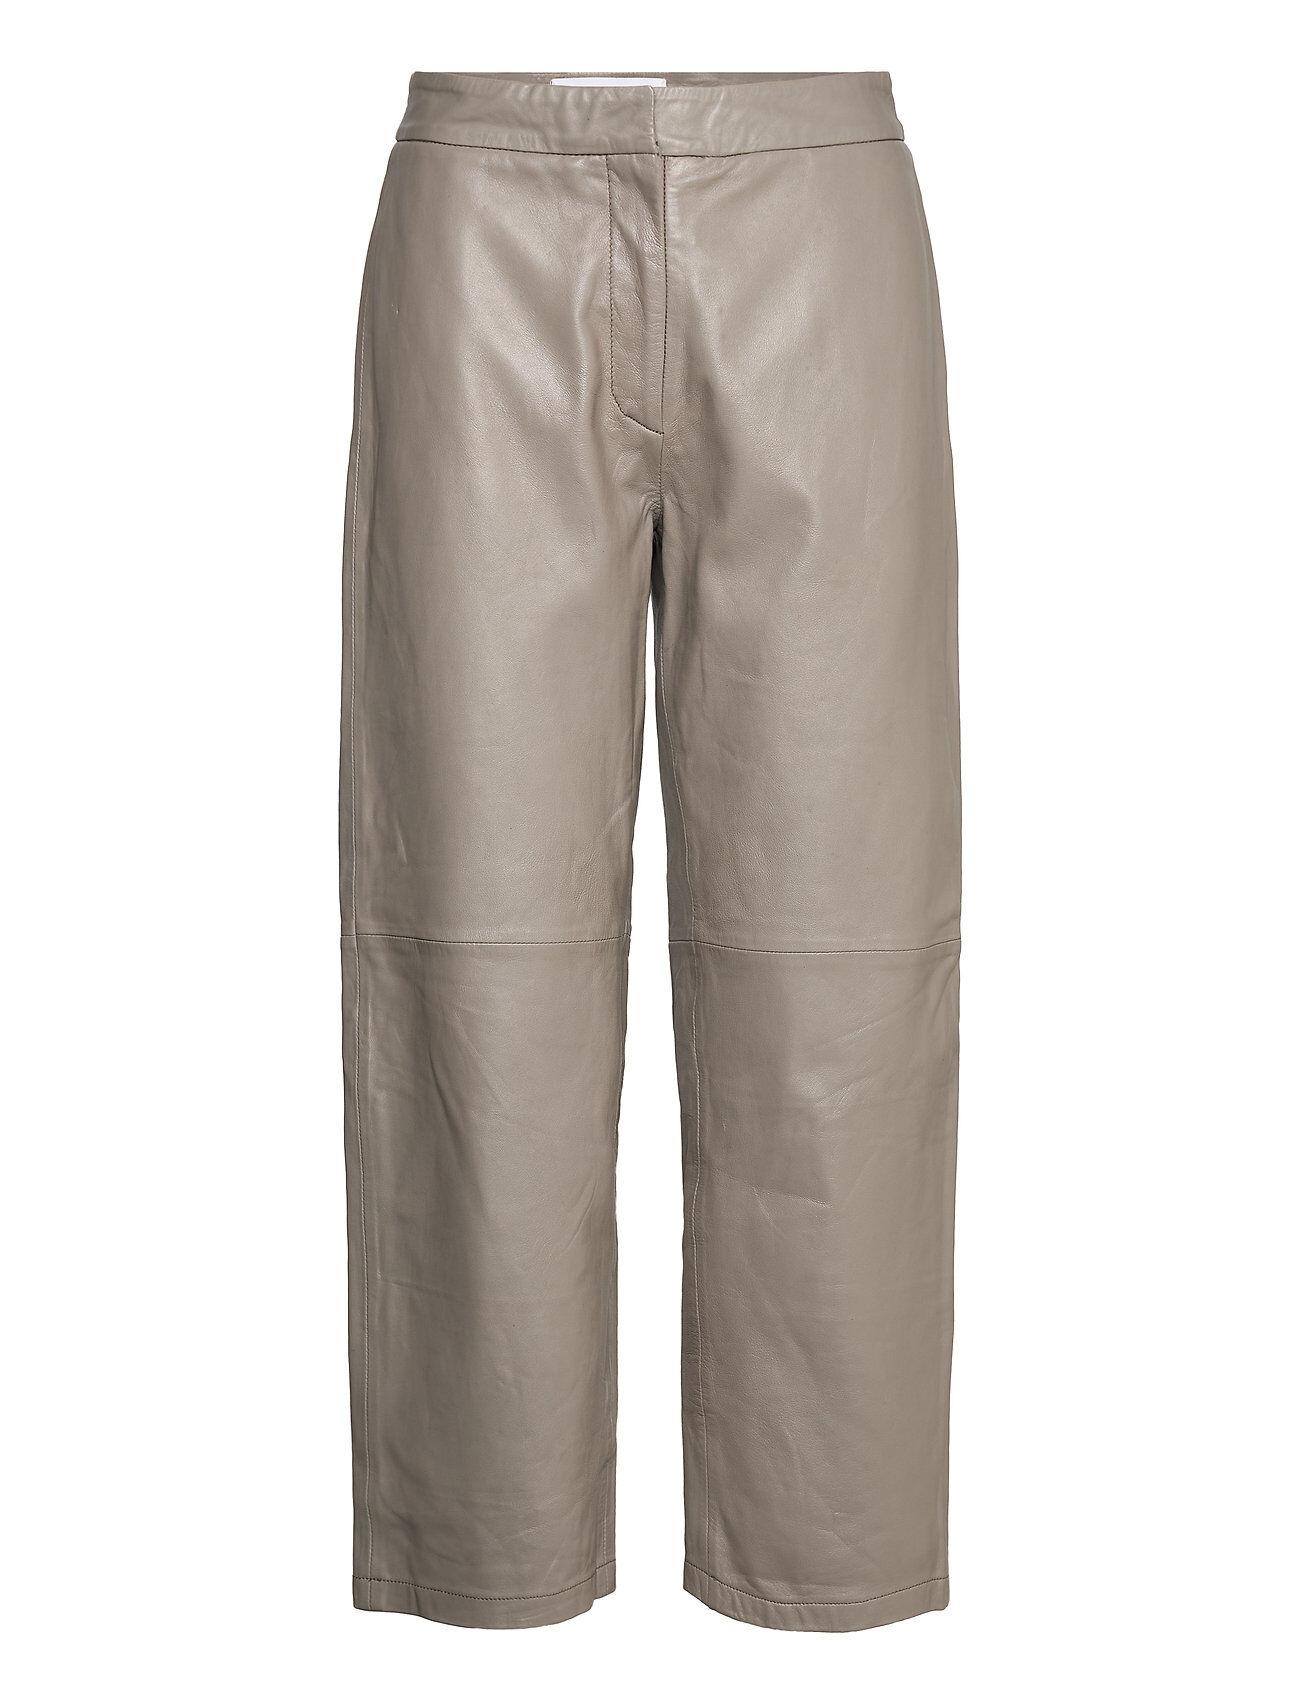 Camilla Pihl Rimo Leather Trouser Leather Leggings/Housut Harmaa Camilla Pihl